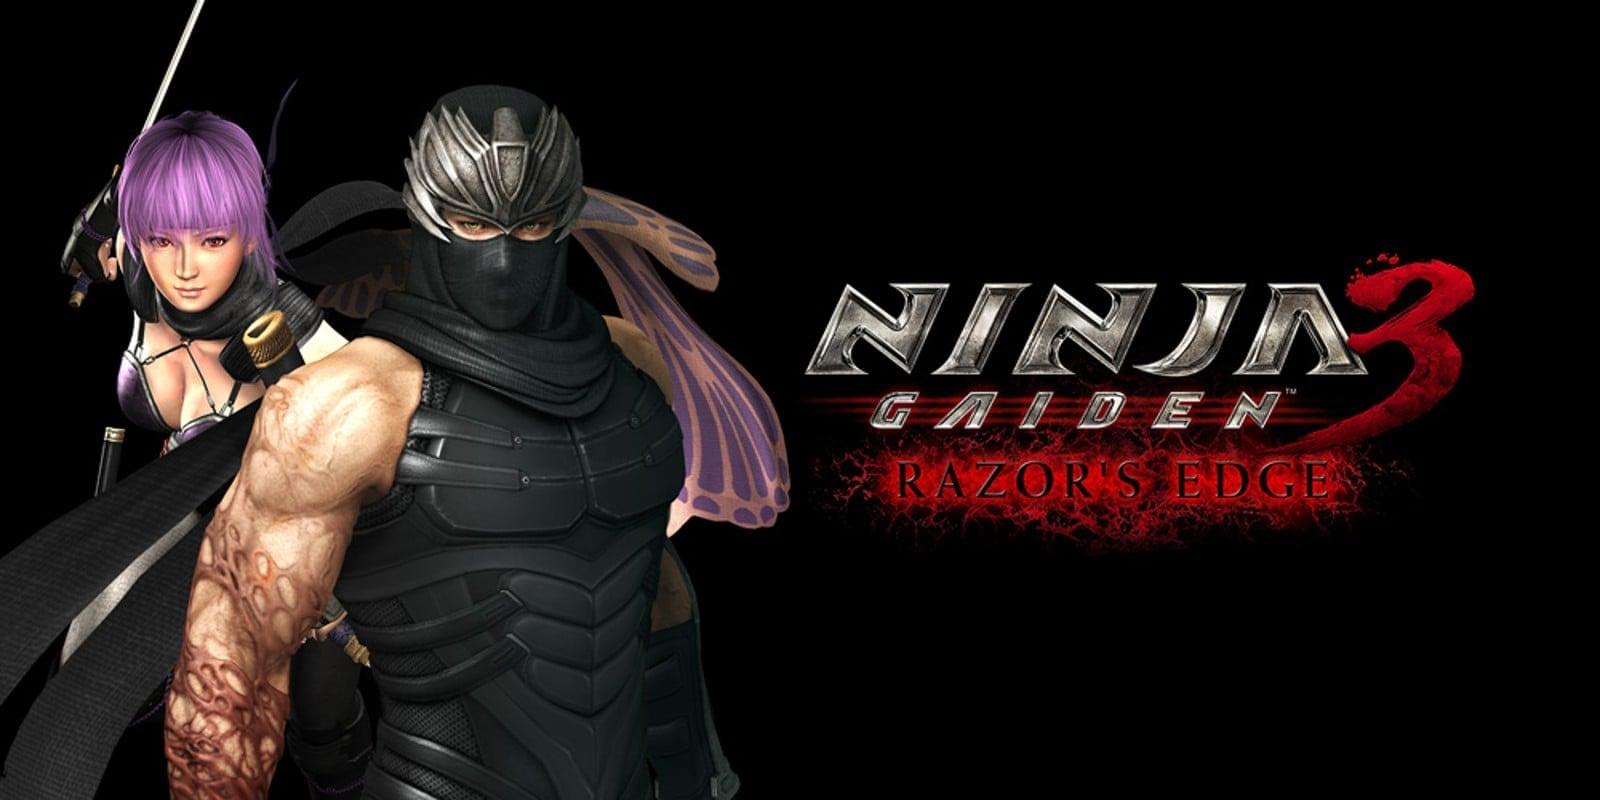 Ayane confirmed for Ninja Gaiden 3: Razor's Edge 1 techboys.de • smarte News, auf den Punkt! Ayane confirmed for Ninja Gaiden 3: Razor's Edge